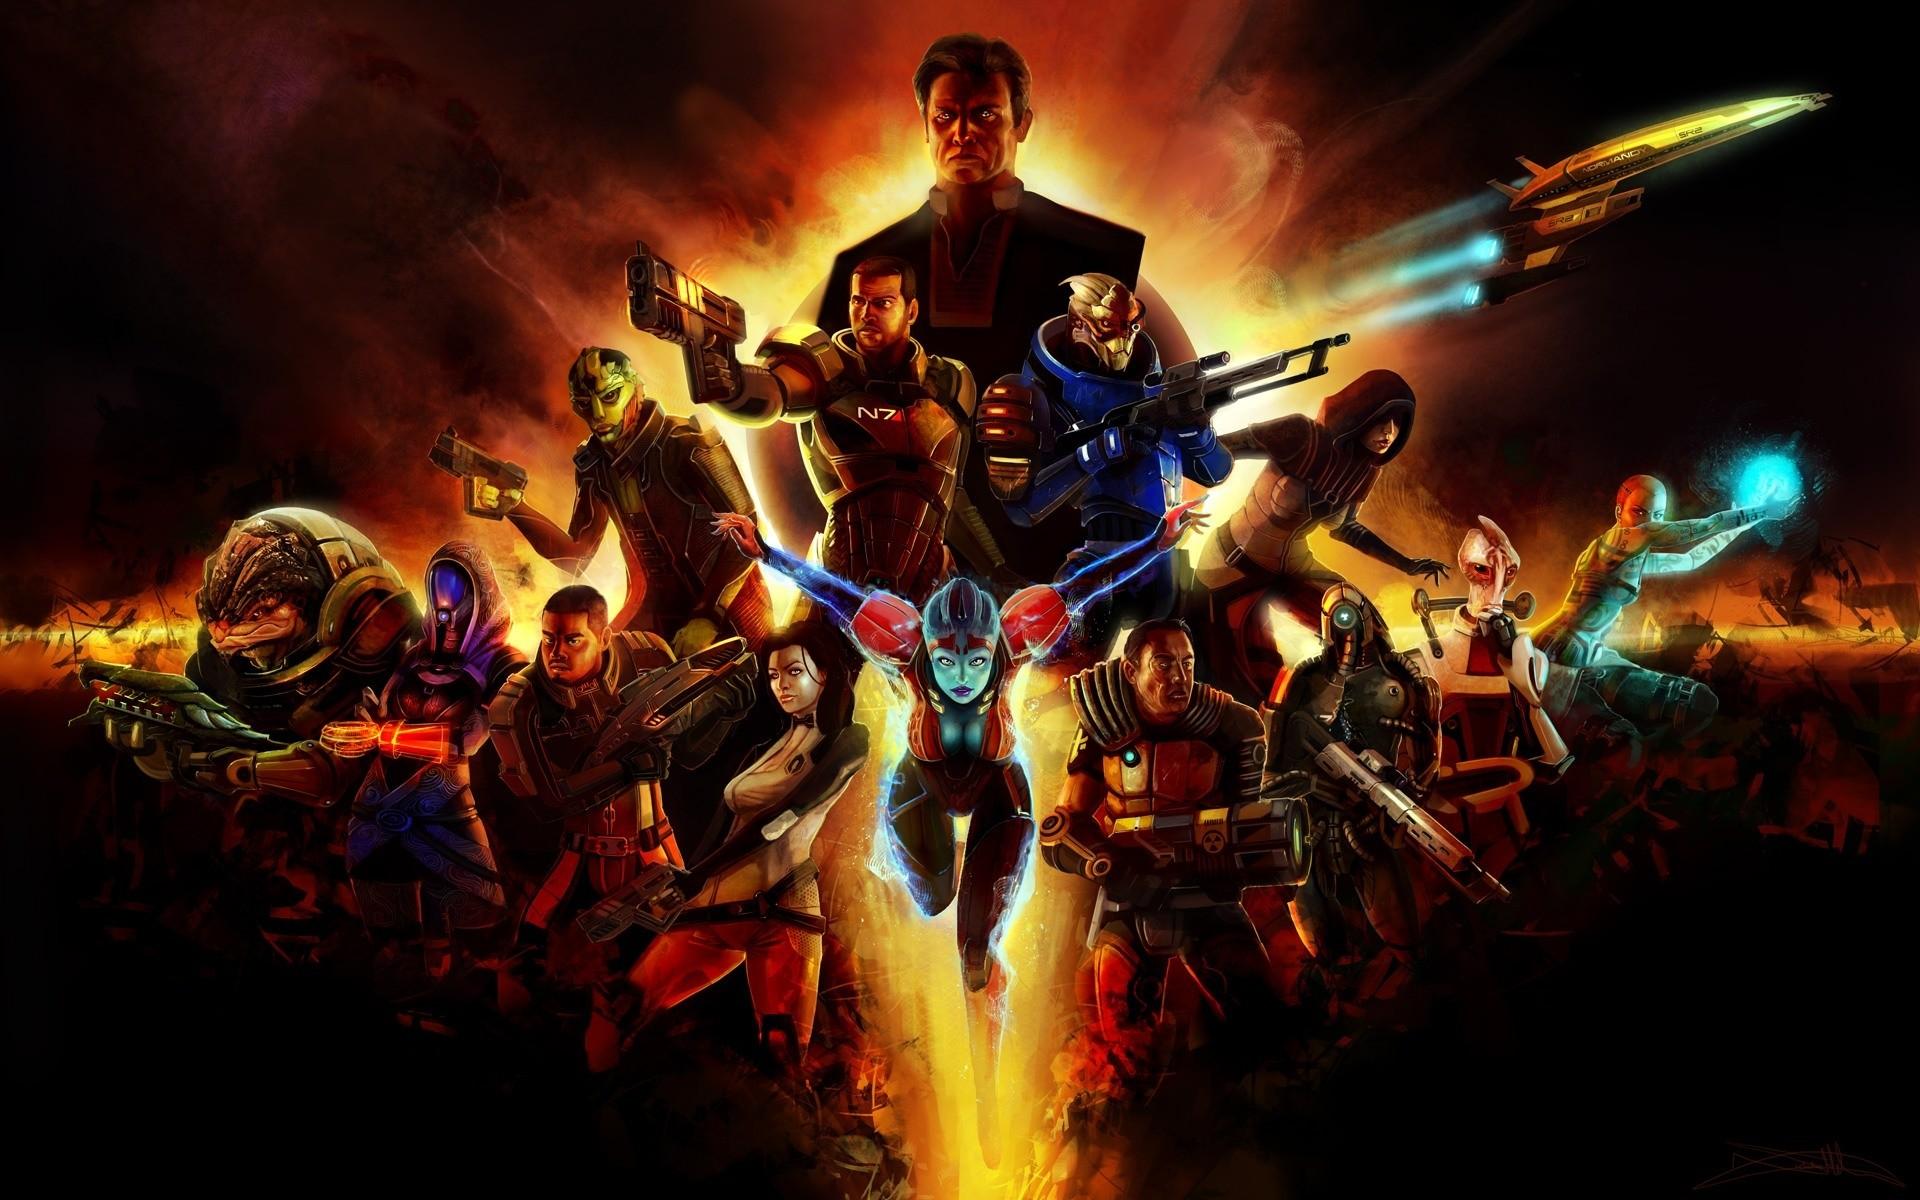 Mass Effect 2 Wallpaper (79+ images)